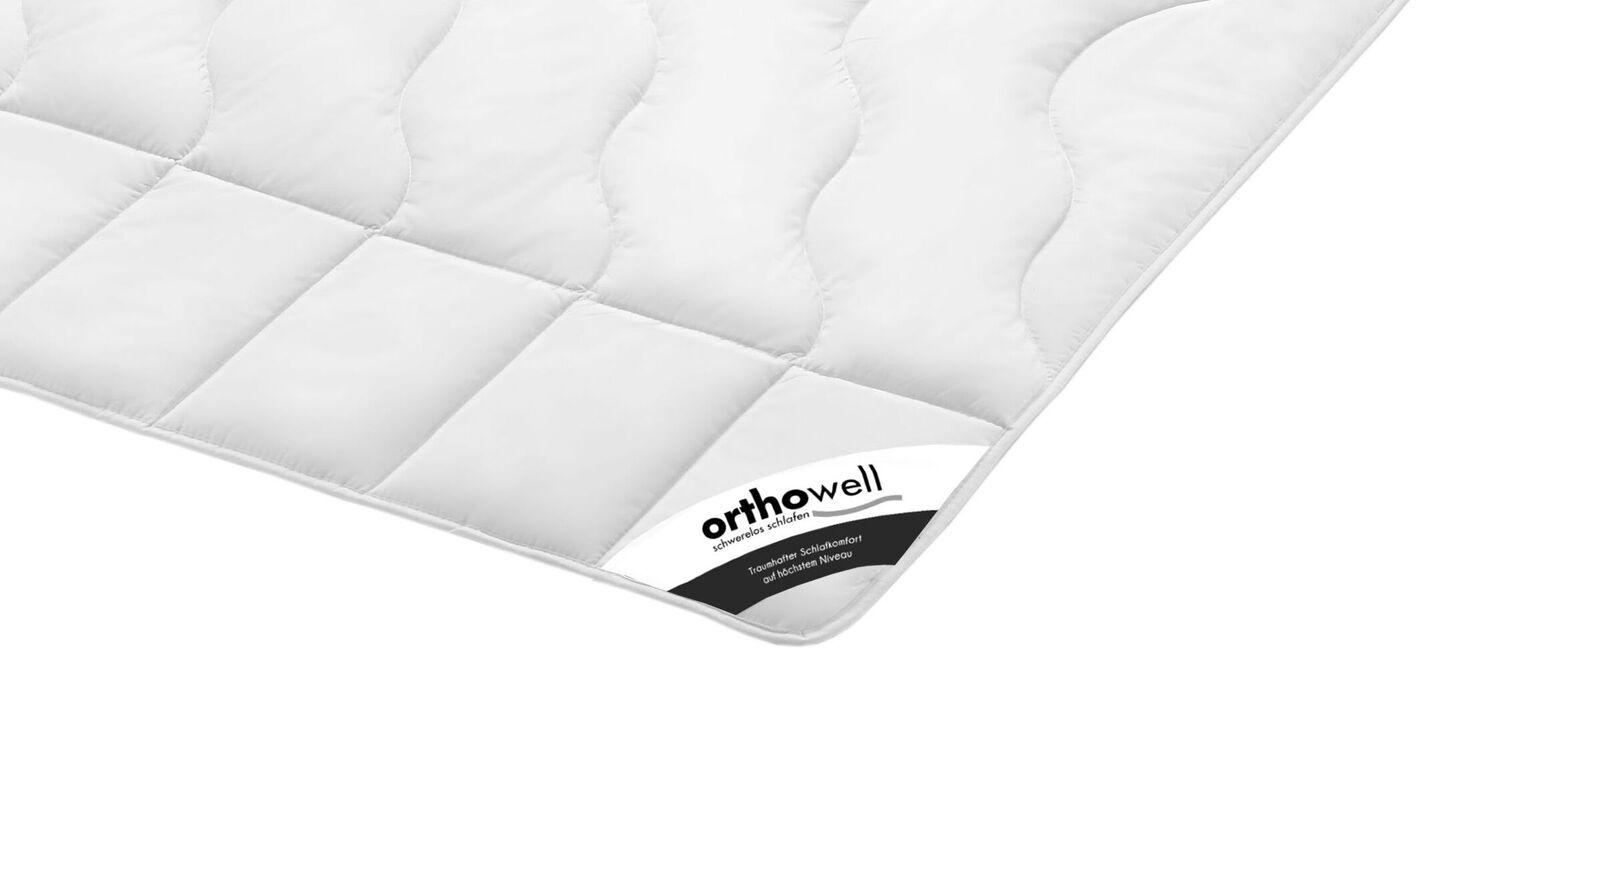 Faser-Bettdecke orthowell Standard extra leicht in Markenqualität